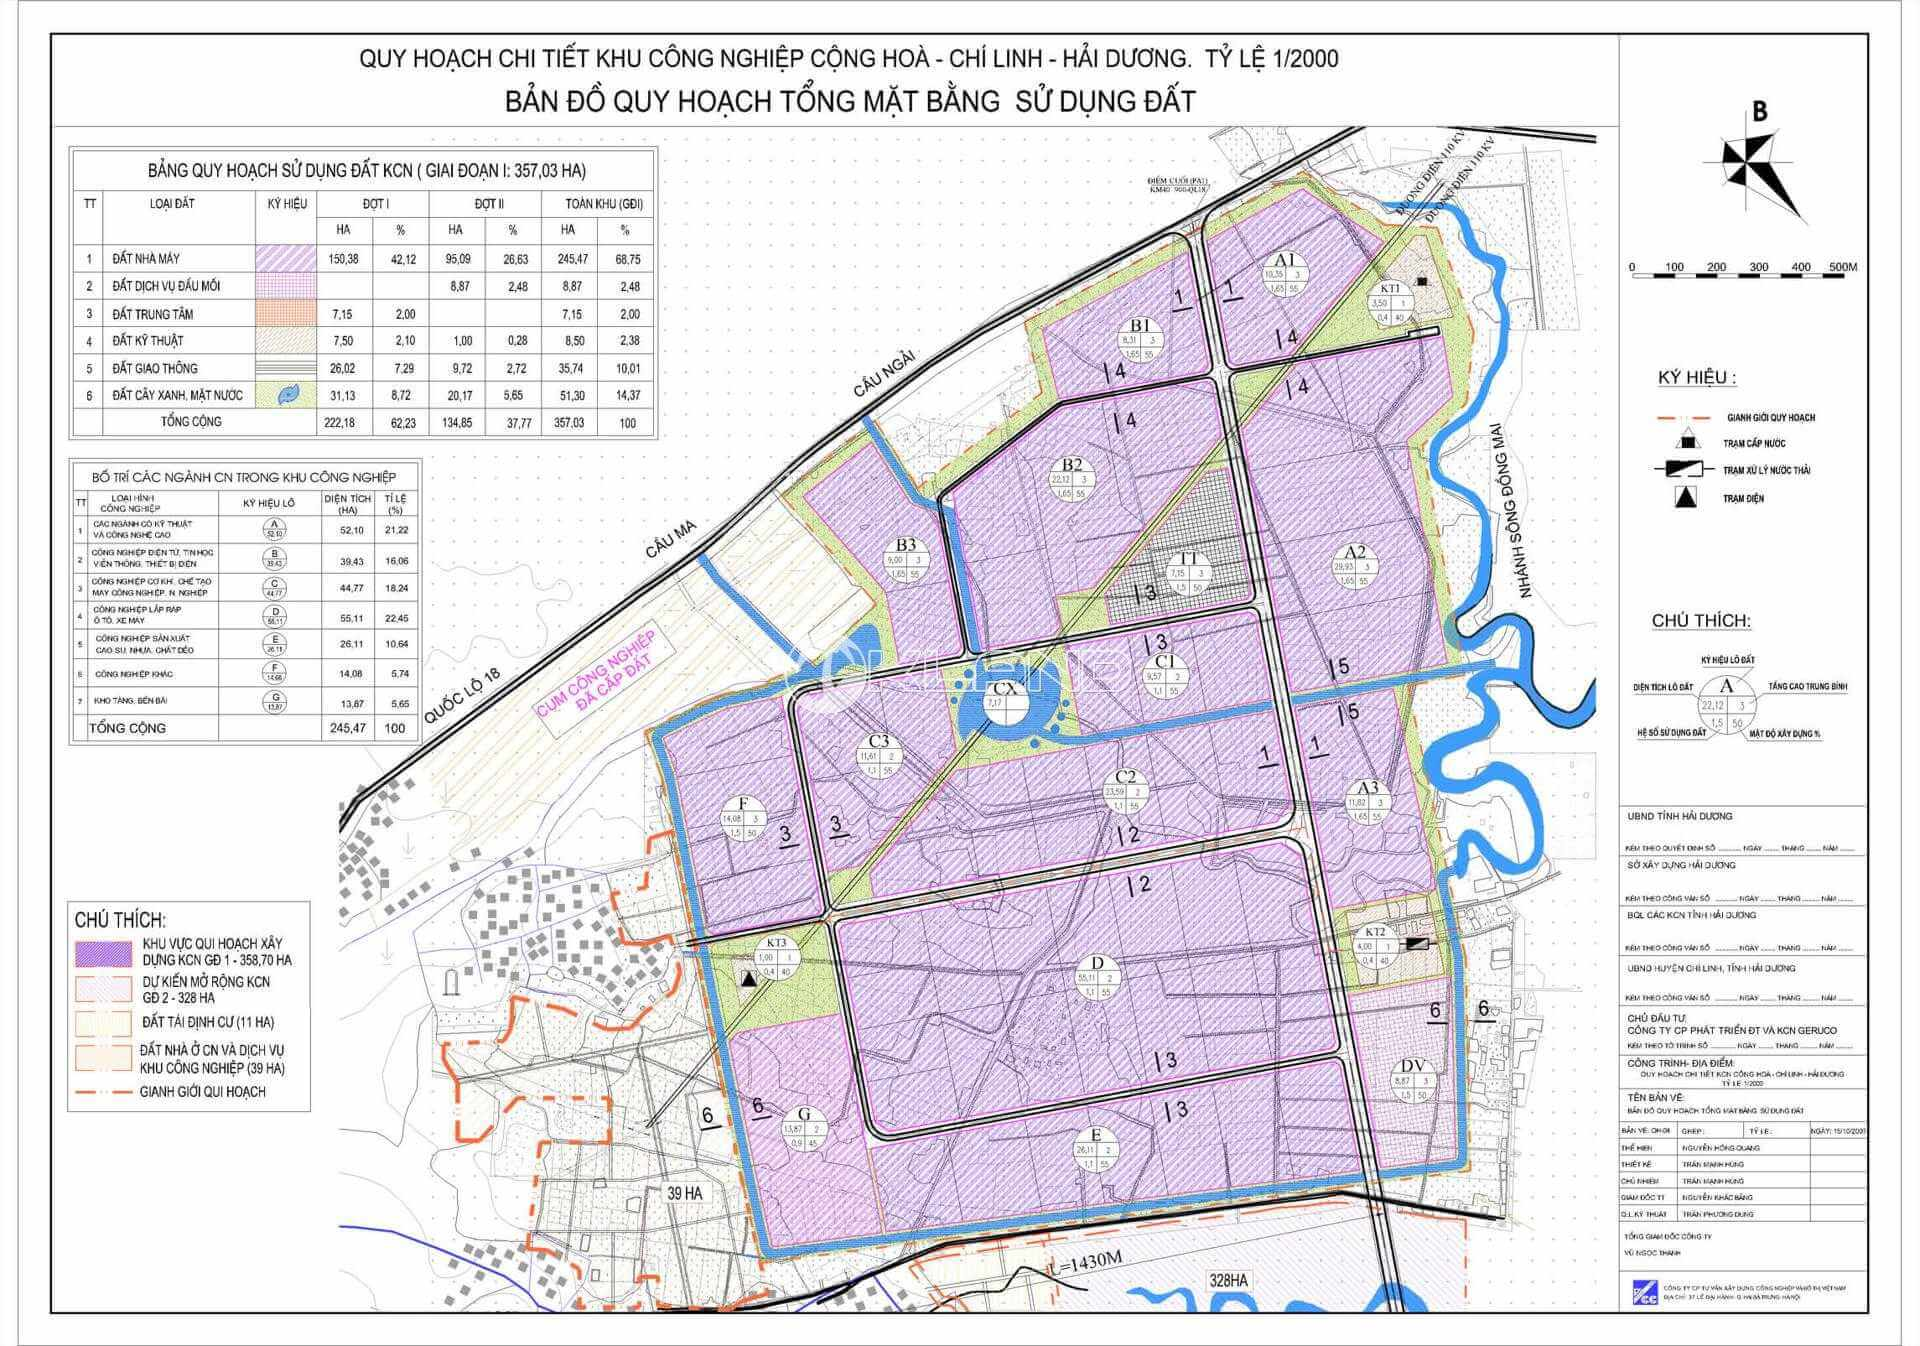 Bản đồ quy hoạch sử dụng đất tại LCN Cộng Hòa Chí Linh Hải Dương